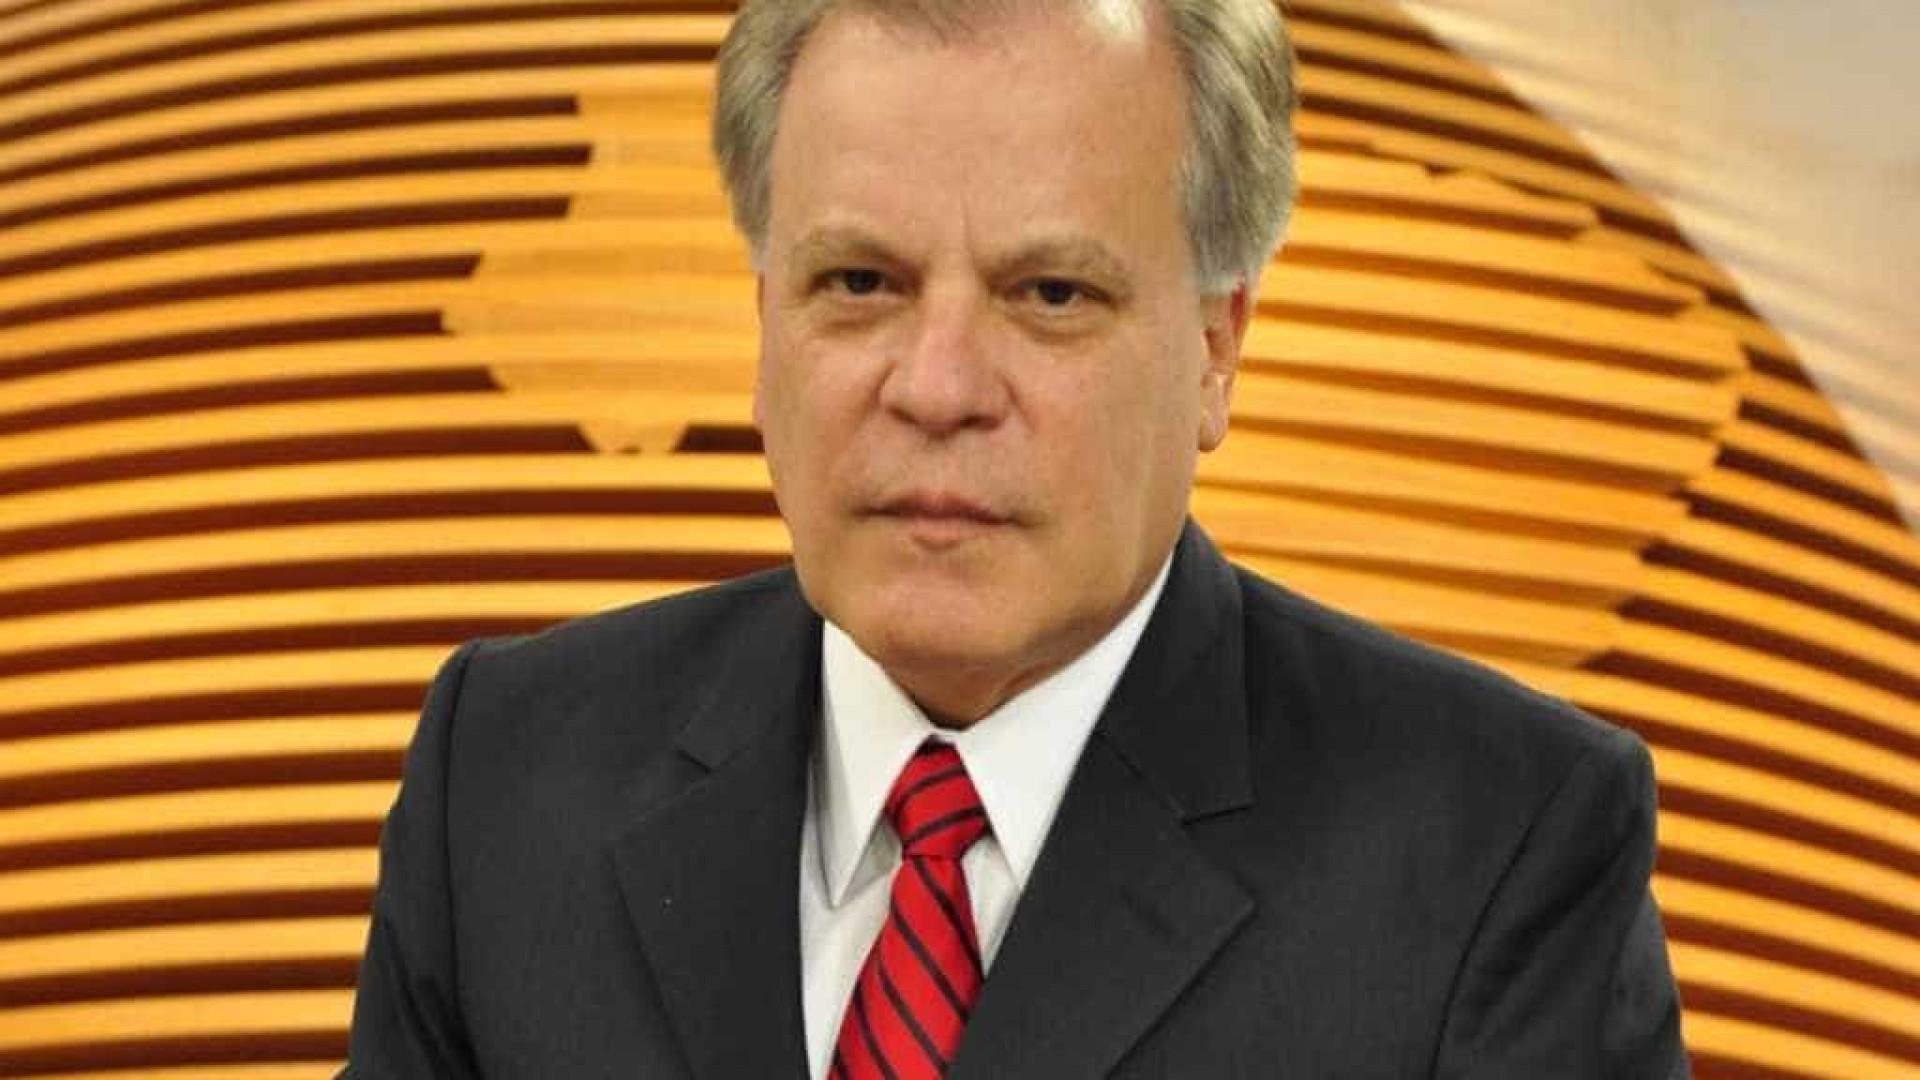 ApA?s Chico Pinheiro defender Lula, Globo pede 'isenAi??A?o' a jornalistas